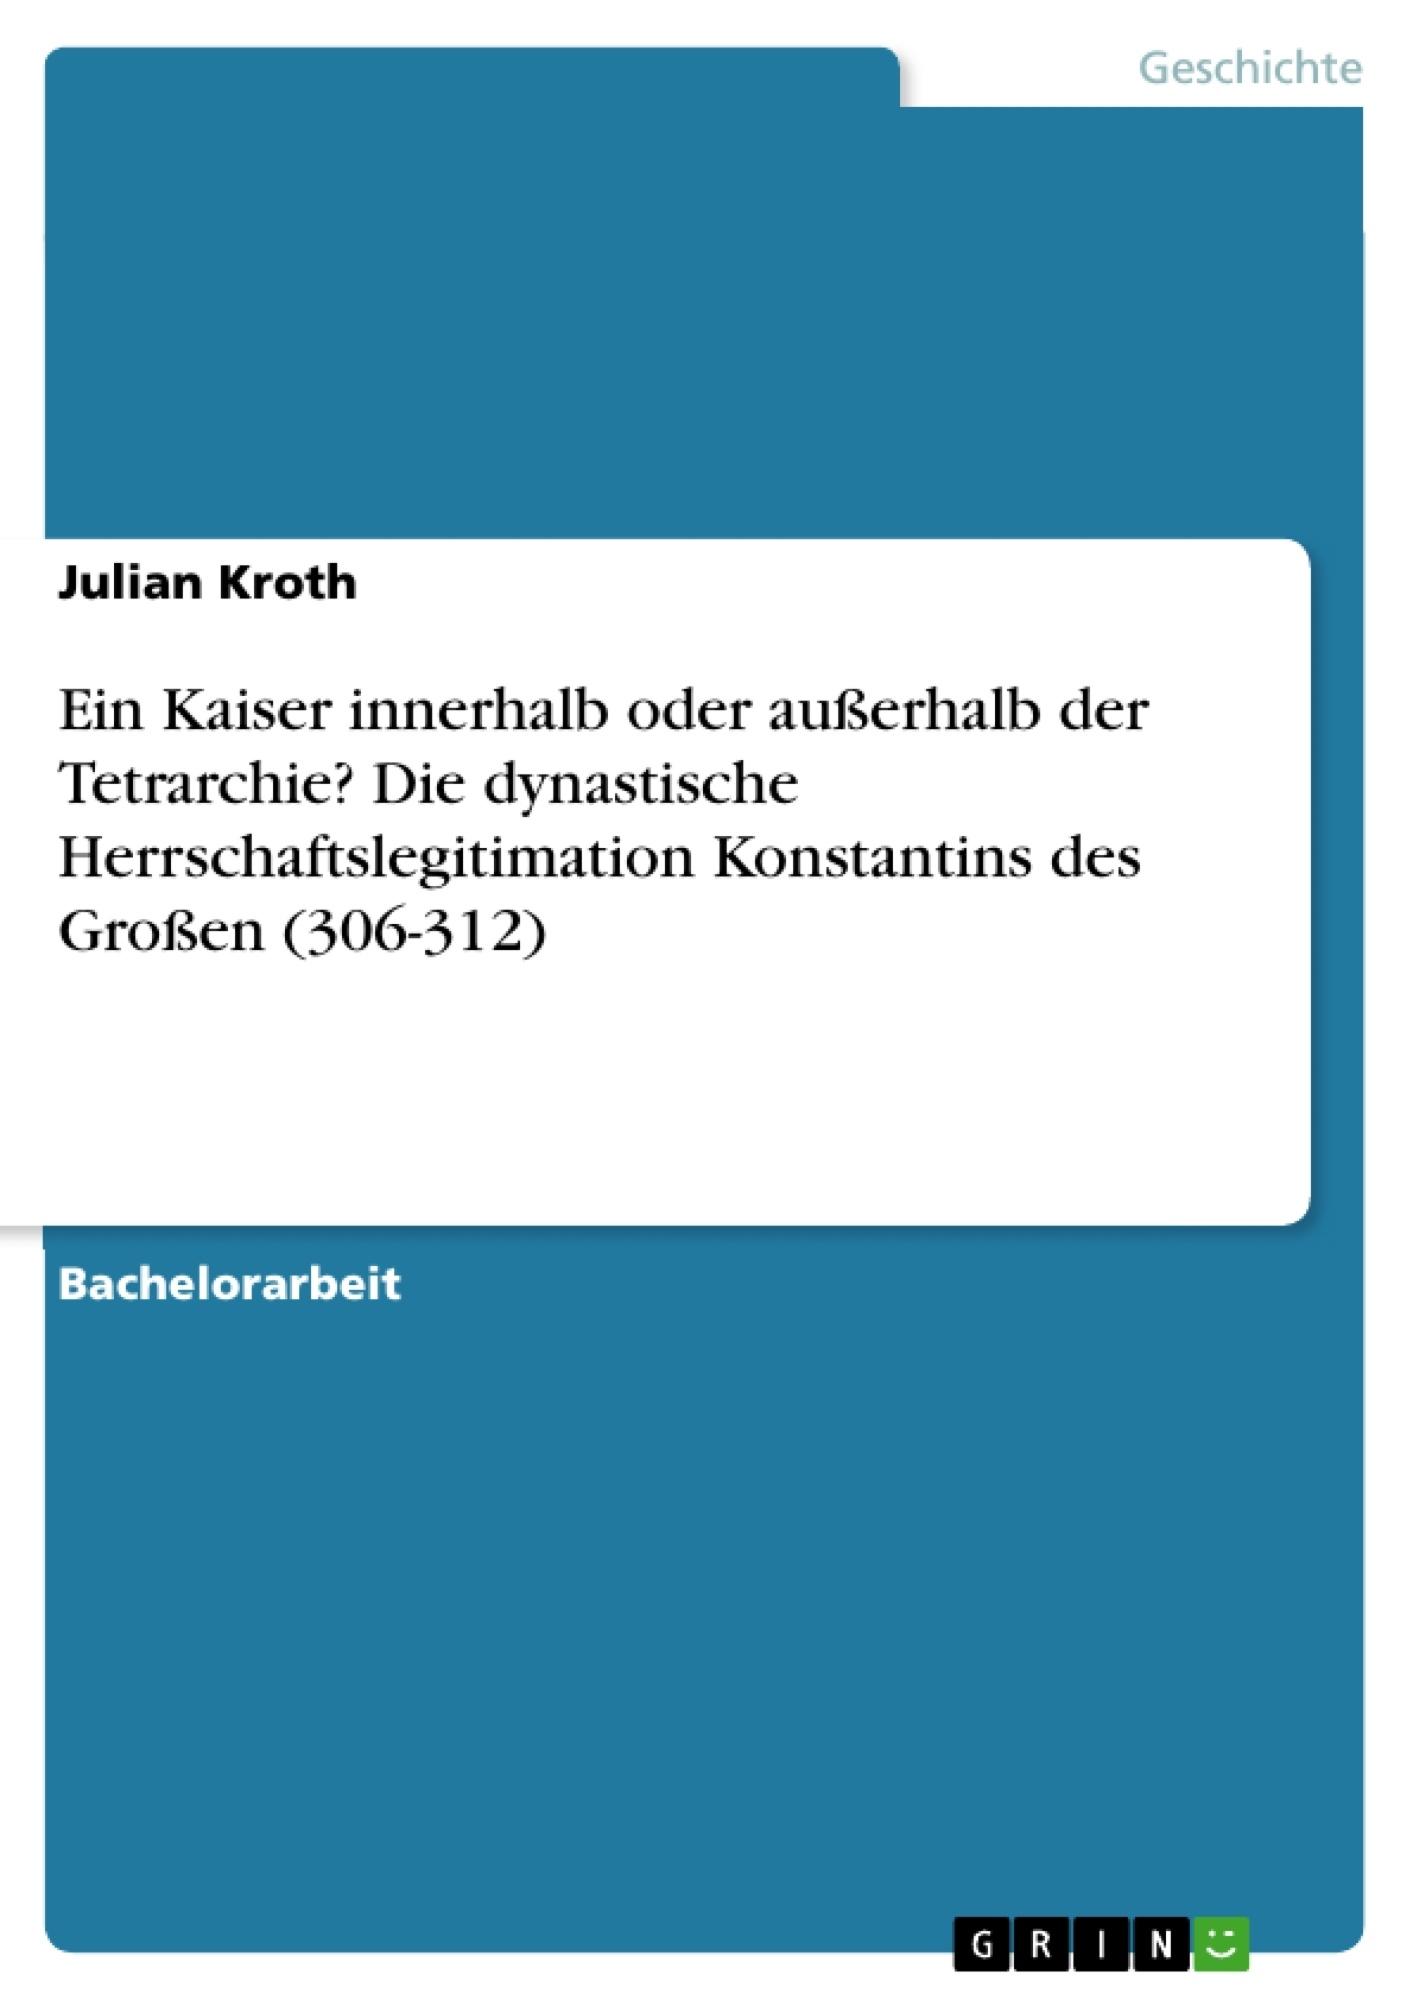 Titel: Ein Kaiser innerhalb oder außerhalb der Tetrarchie? Die dynastische Herrschaftslegitimation Konstantins des Großen (306-312)